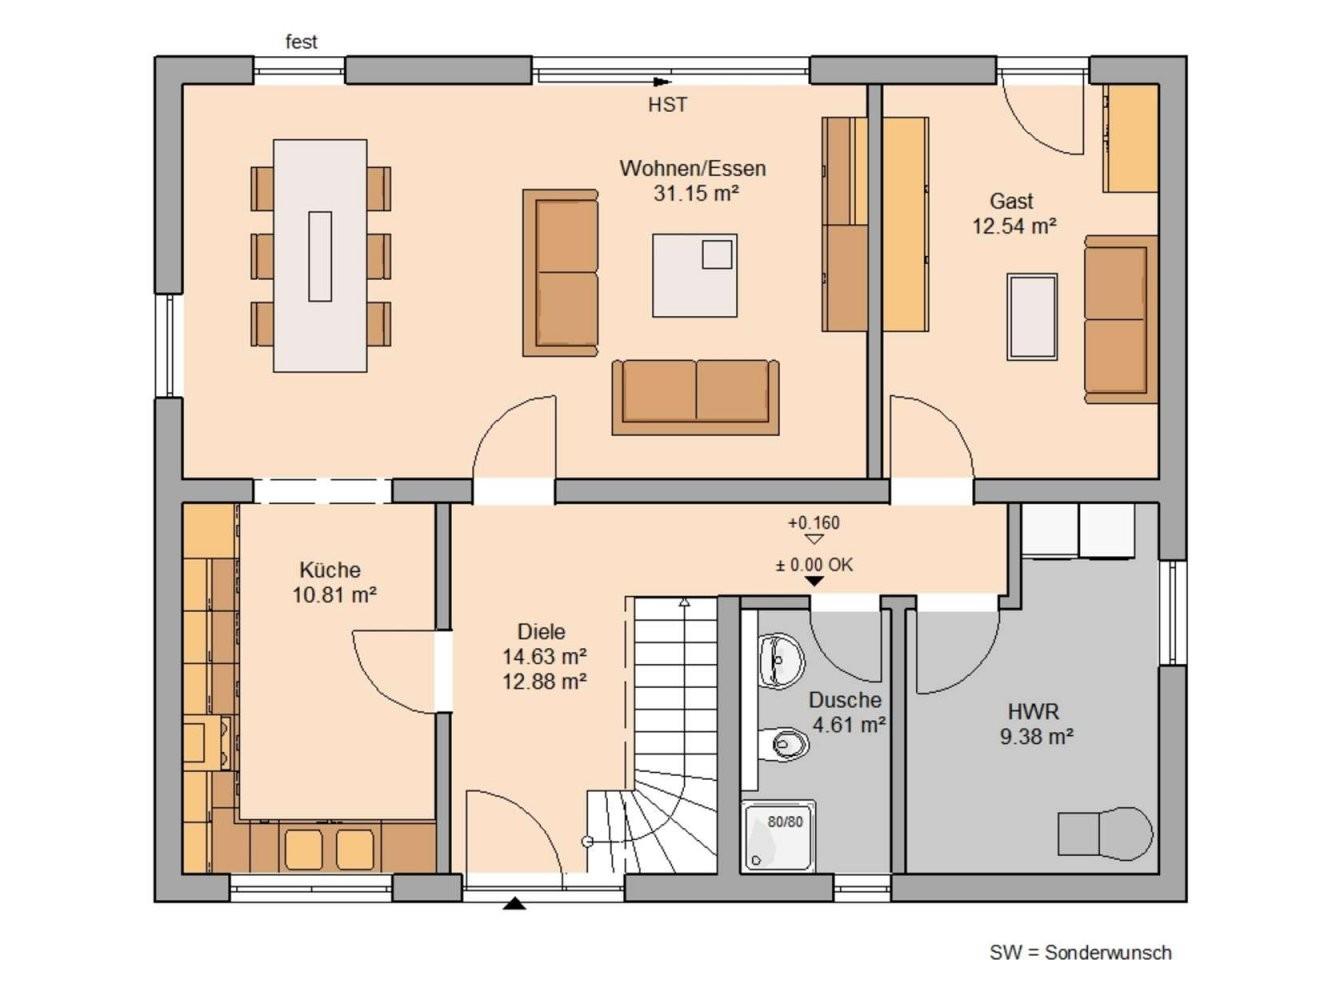 Grundriss Haus Wohndesign Atemberaubend  Danhaseltine von Langes Schmales Haus Grundriss Bild